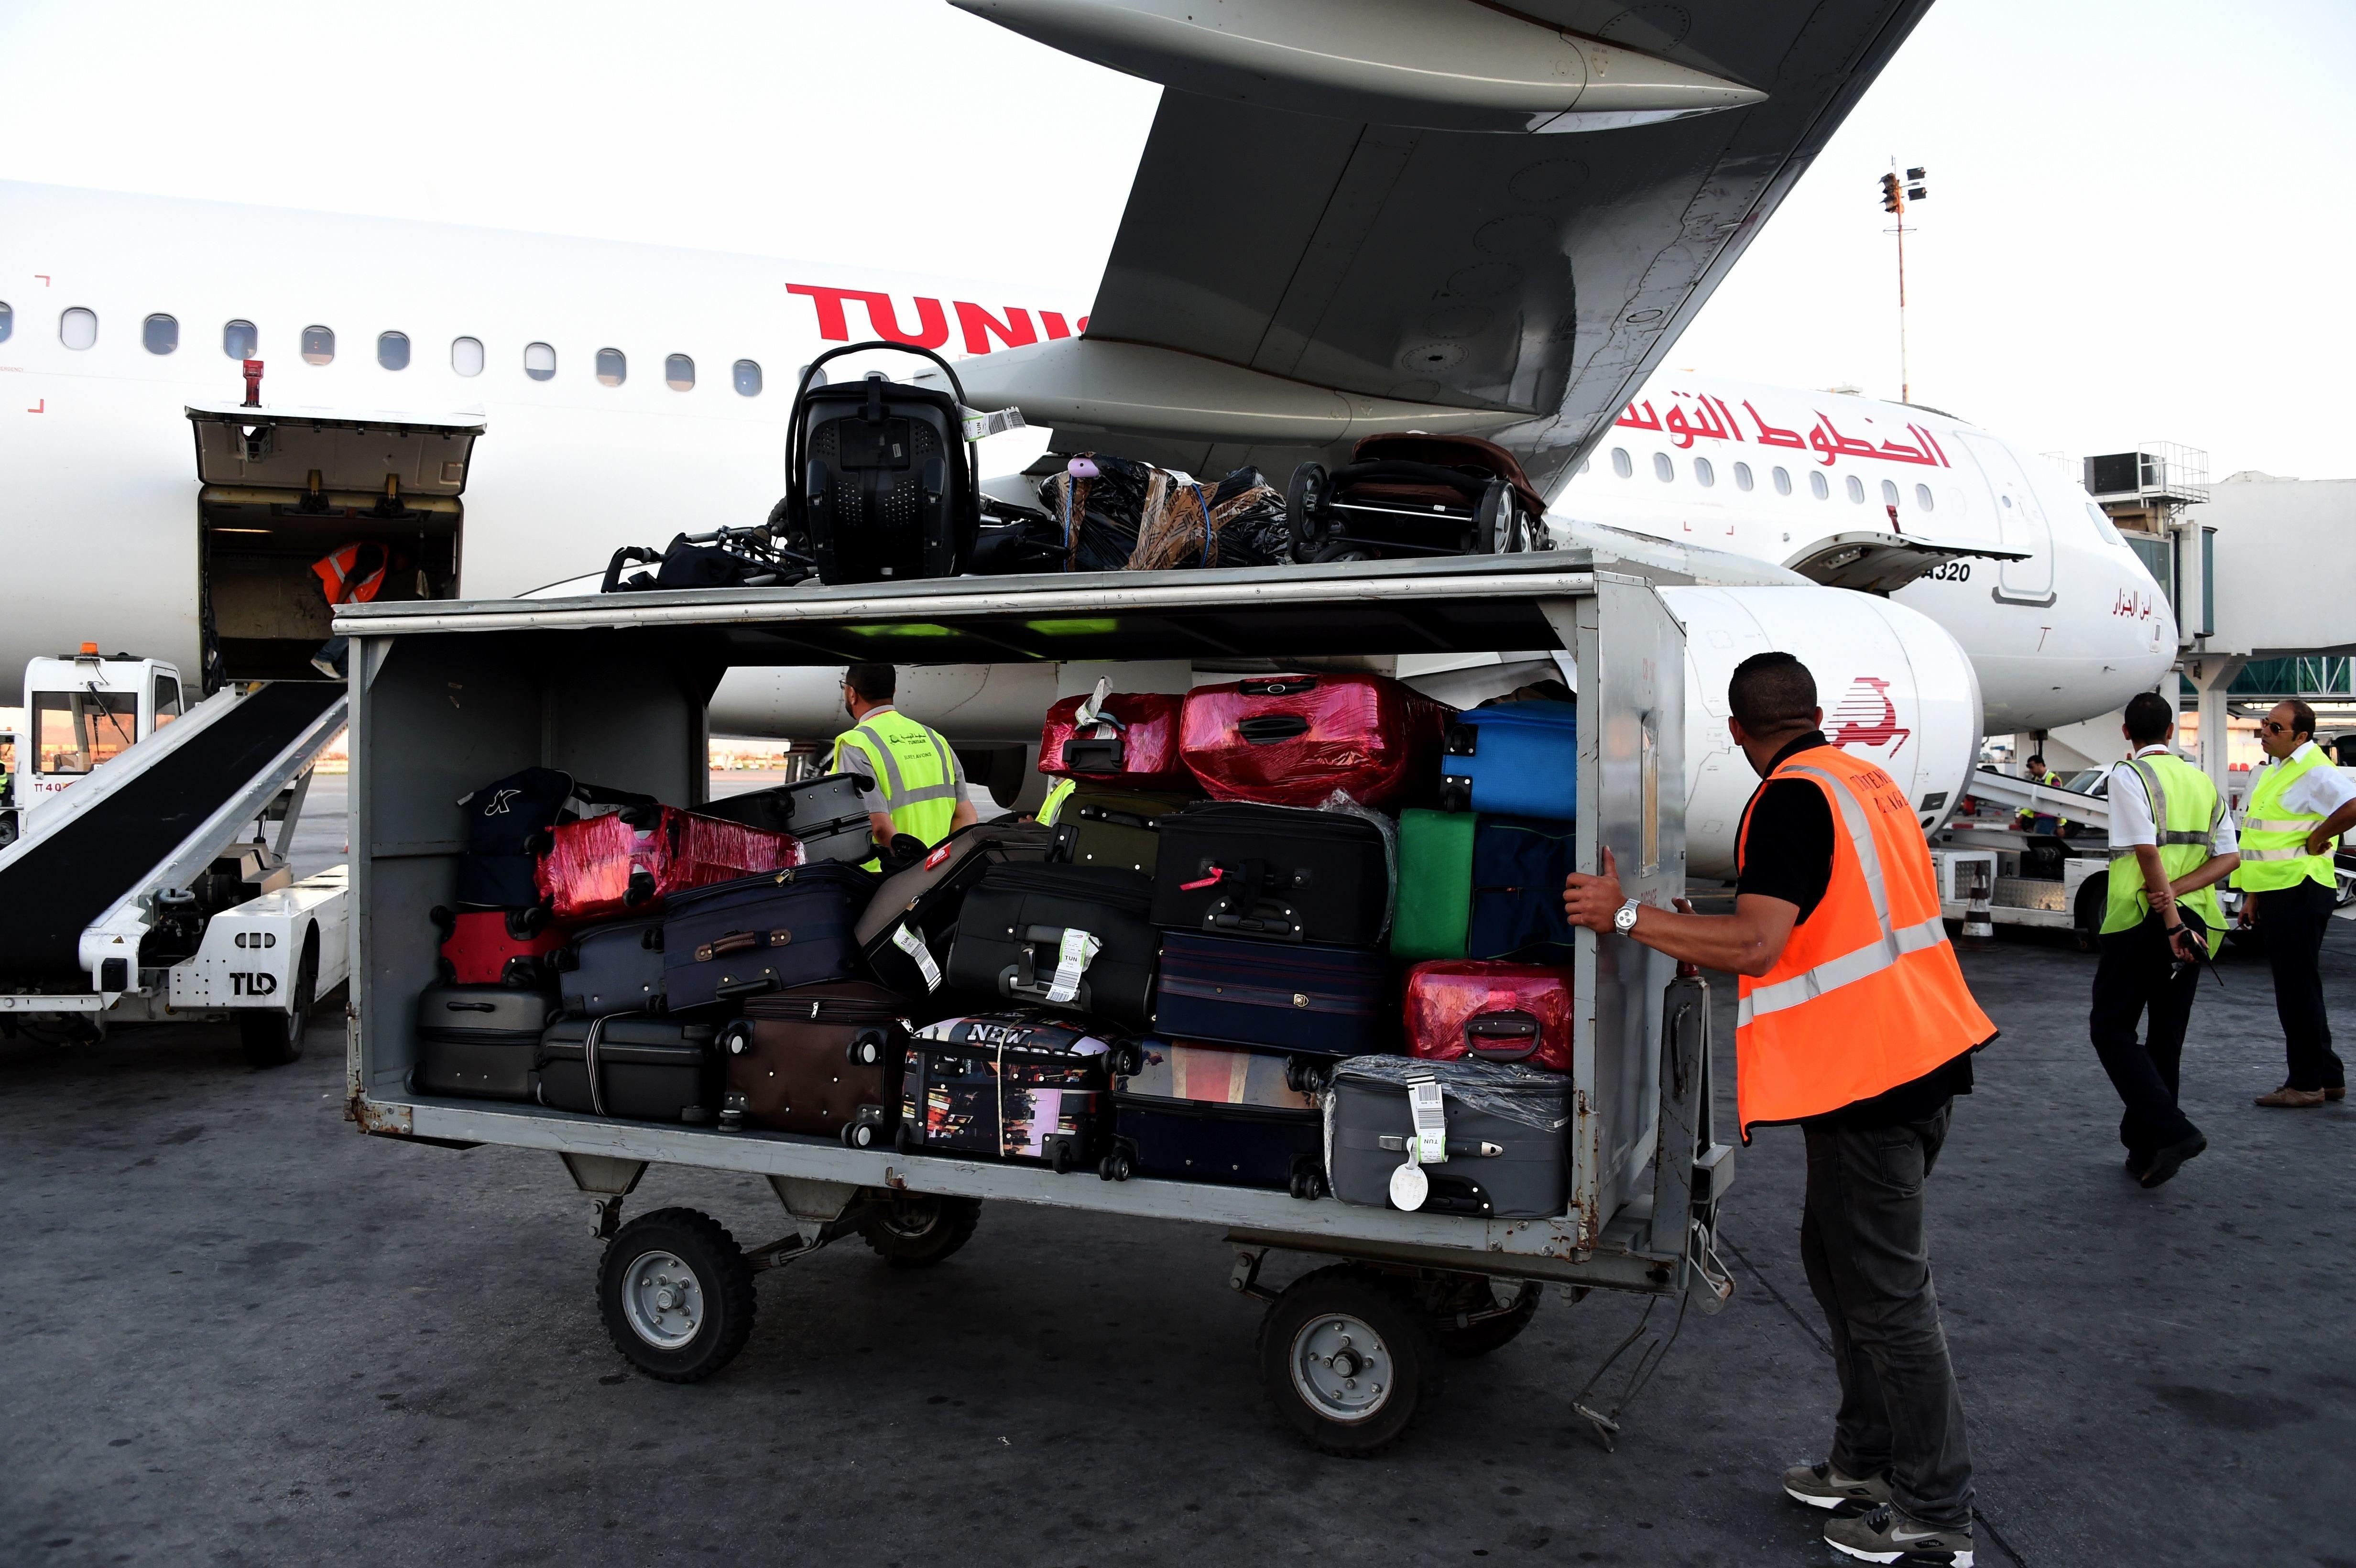 Grève de 24 heures à l'aéroport de Tunis Carthage à partir de ce soir à